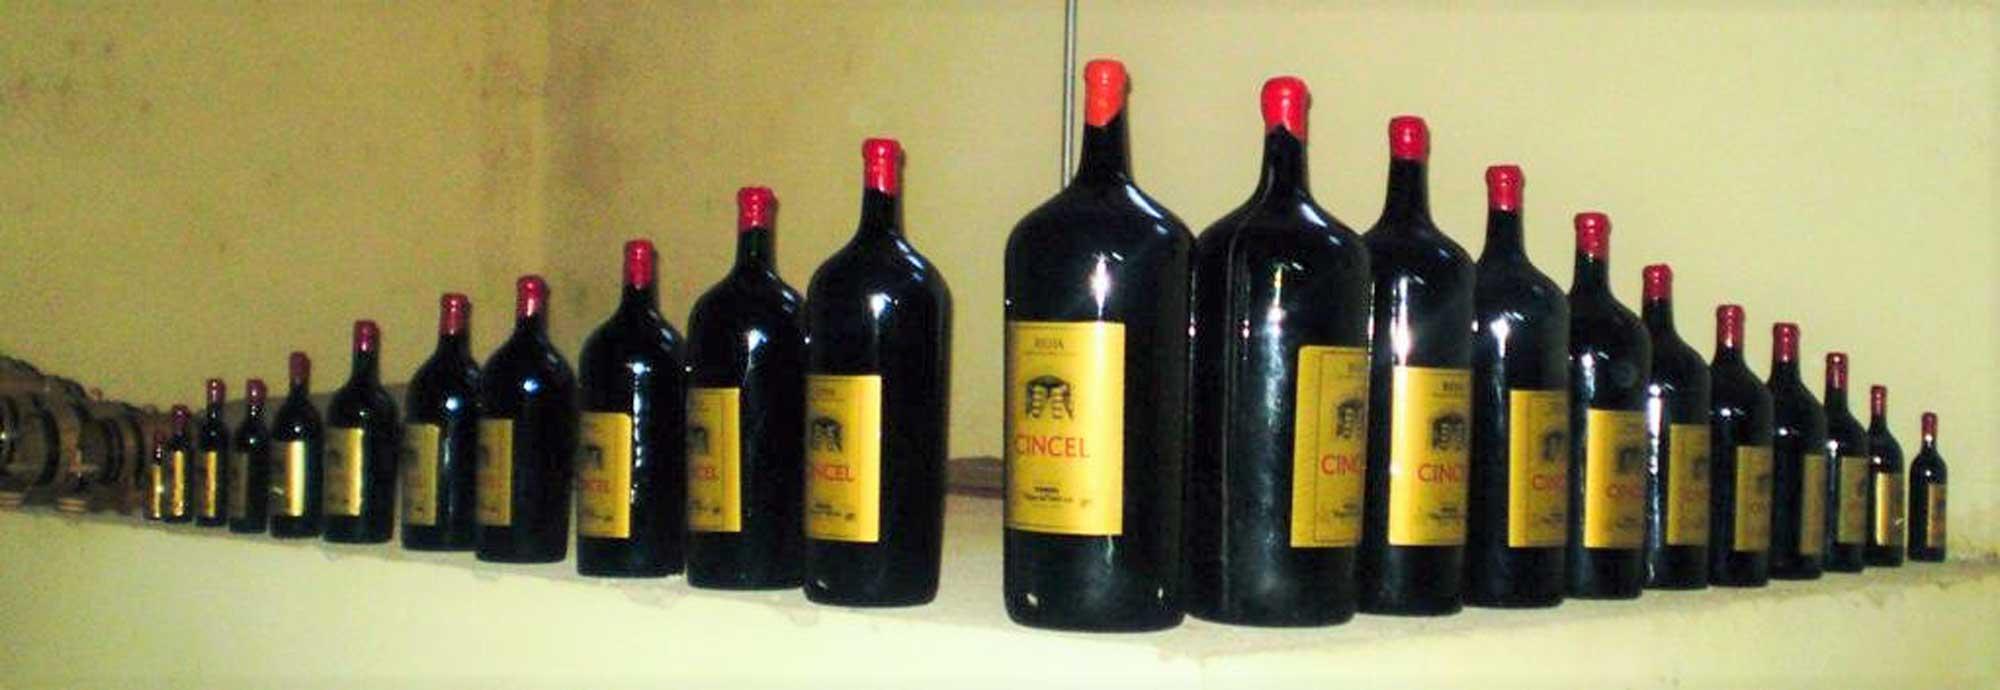 Colección botellas Cincel 2001